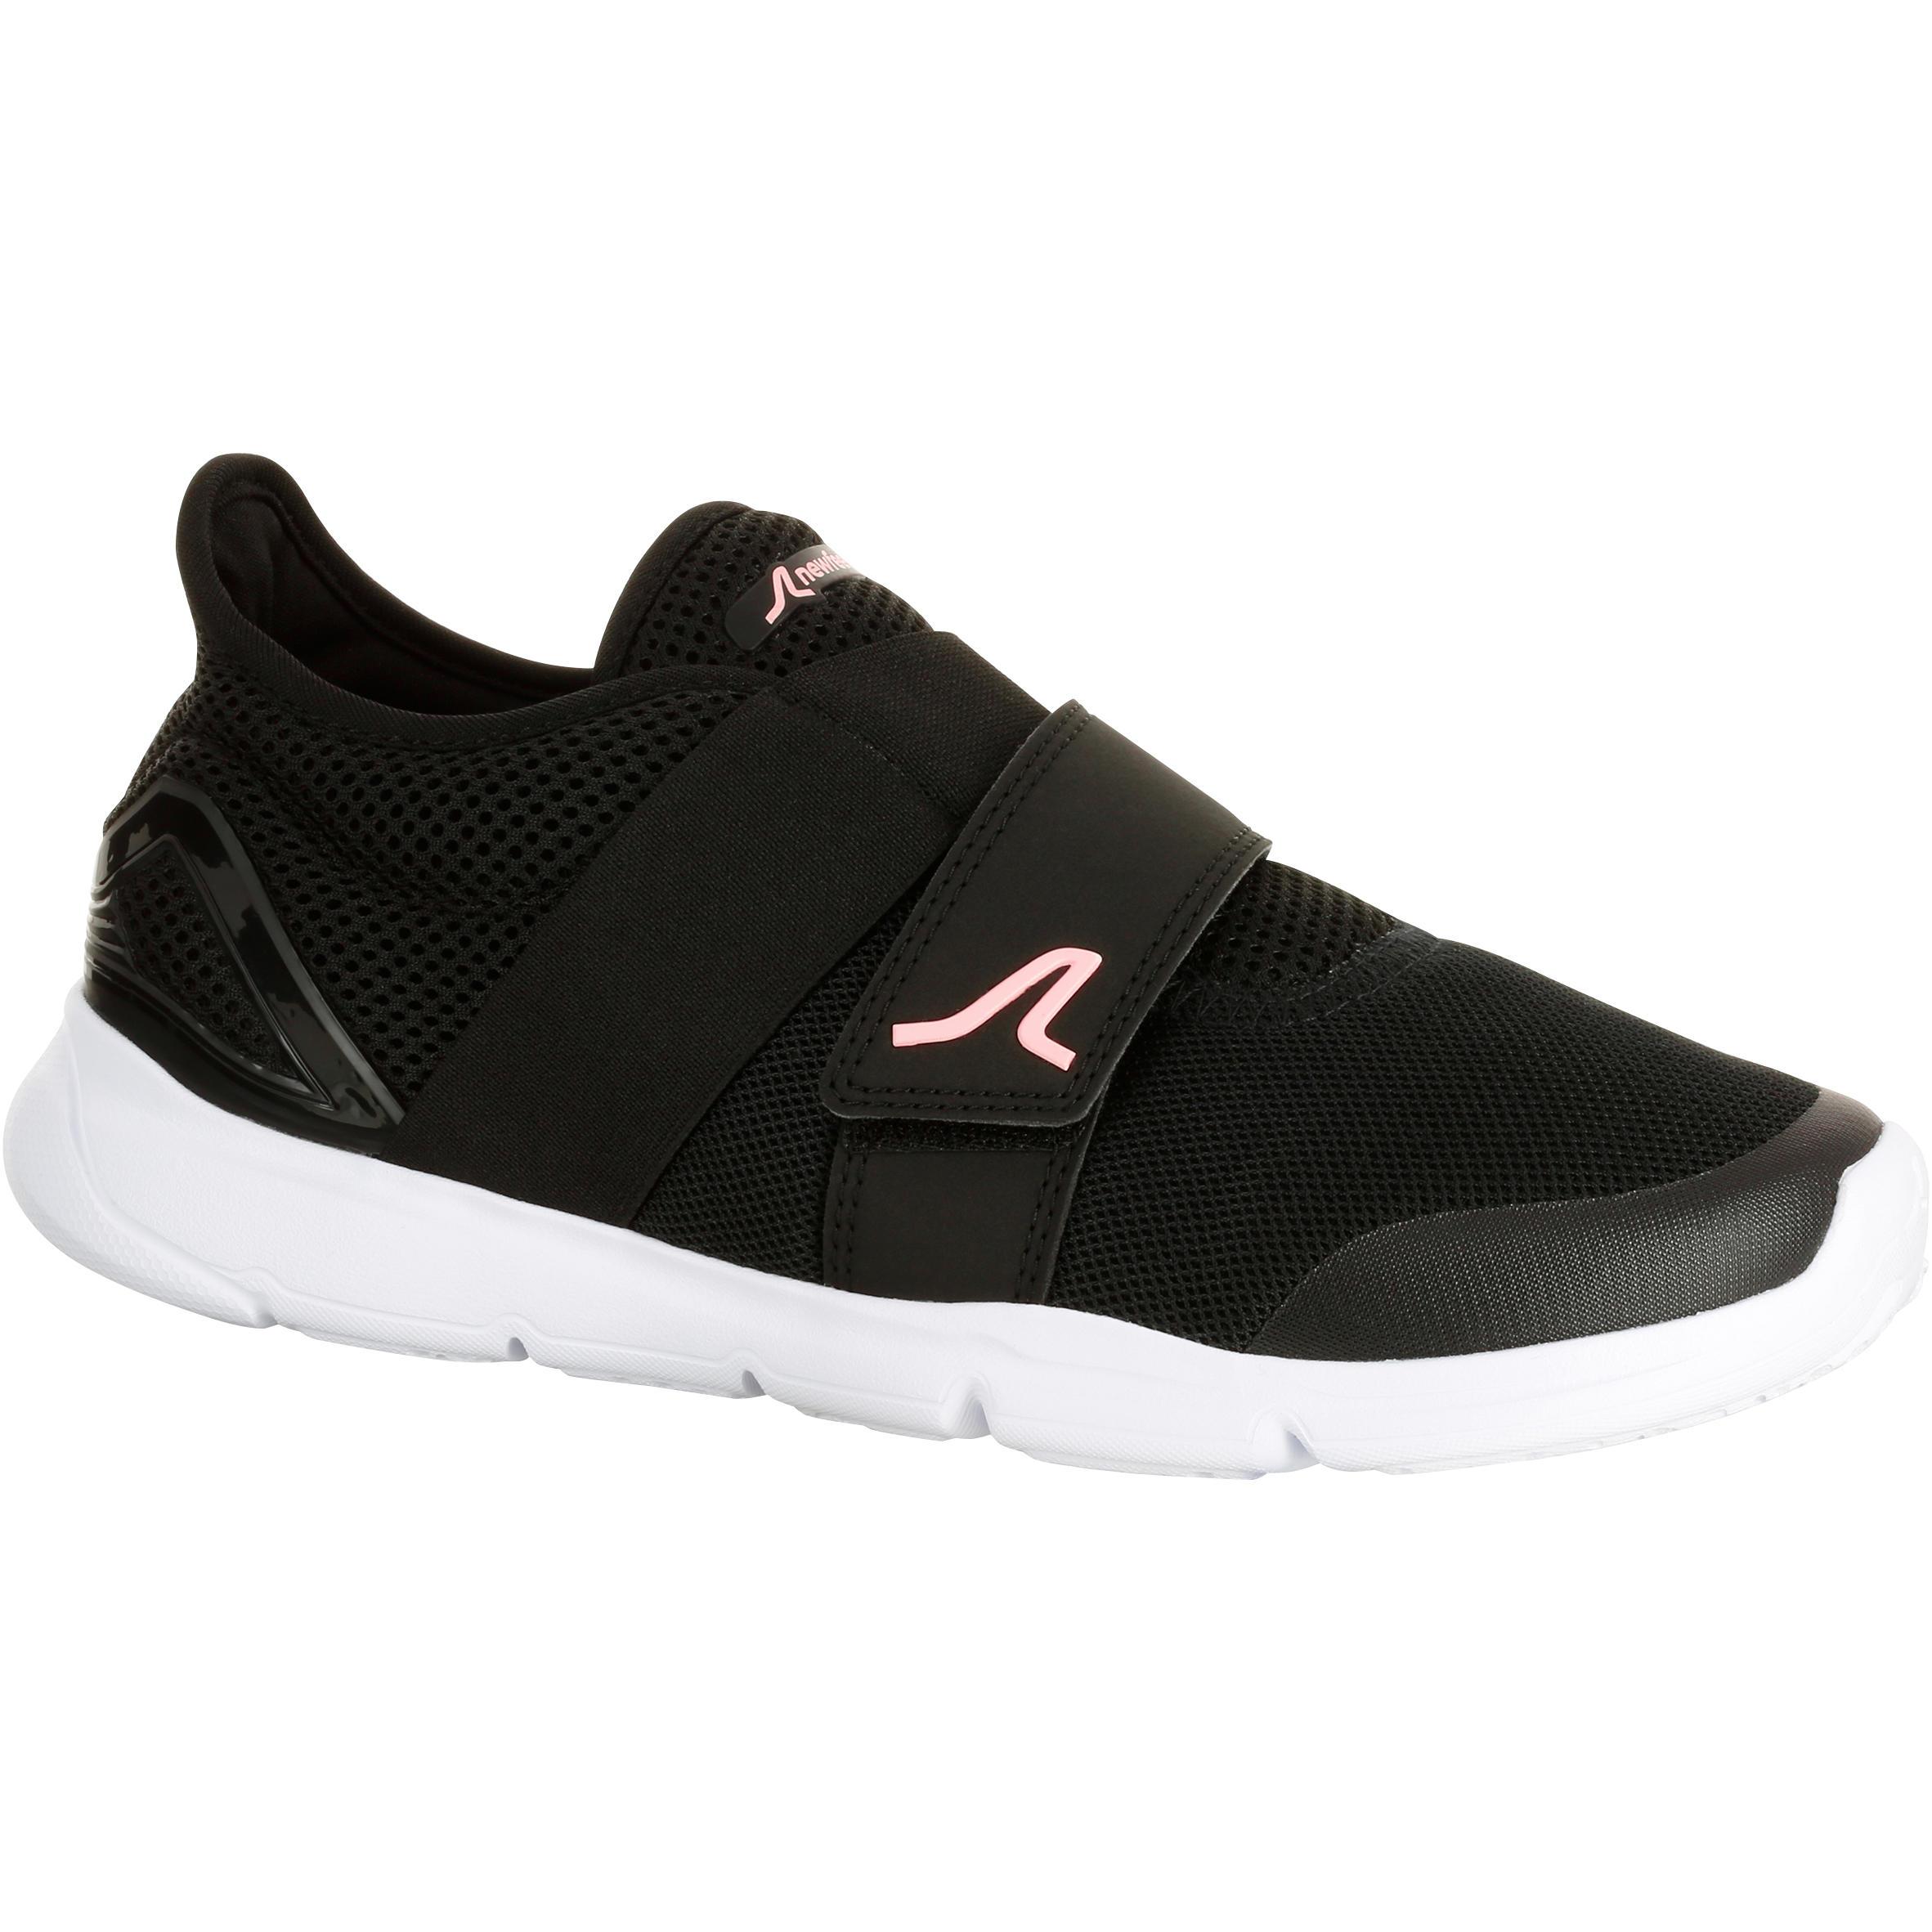 Chaussures été respirantes marche sportive femme Soft 180 noir / rose